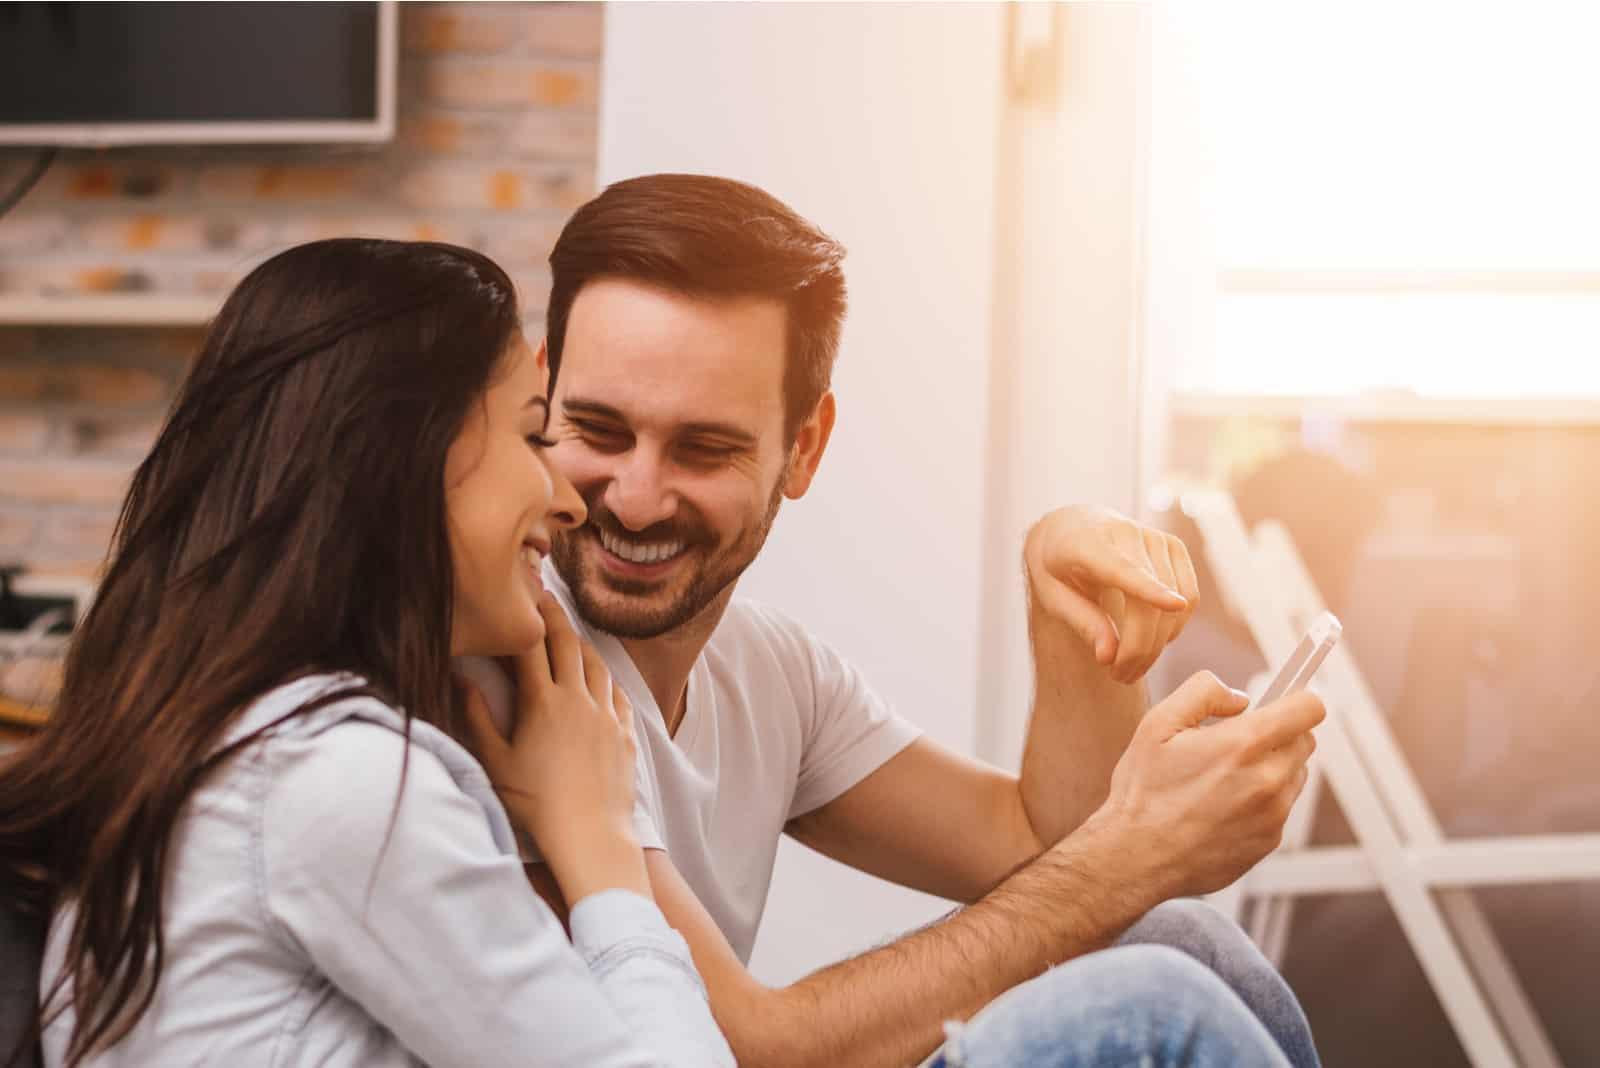 un couple d'amoureux souriant assis et se regardant